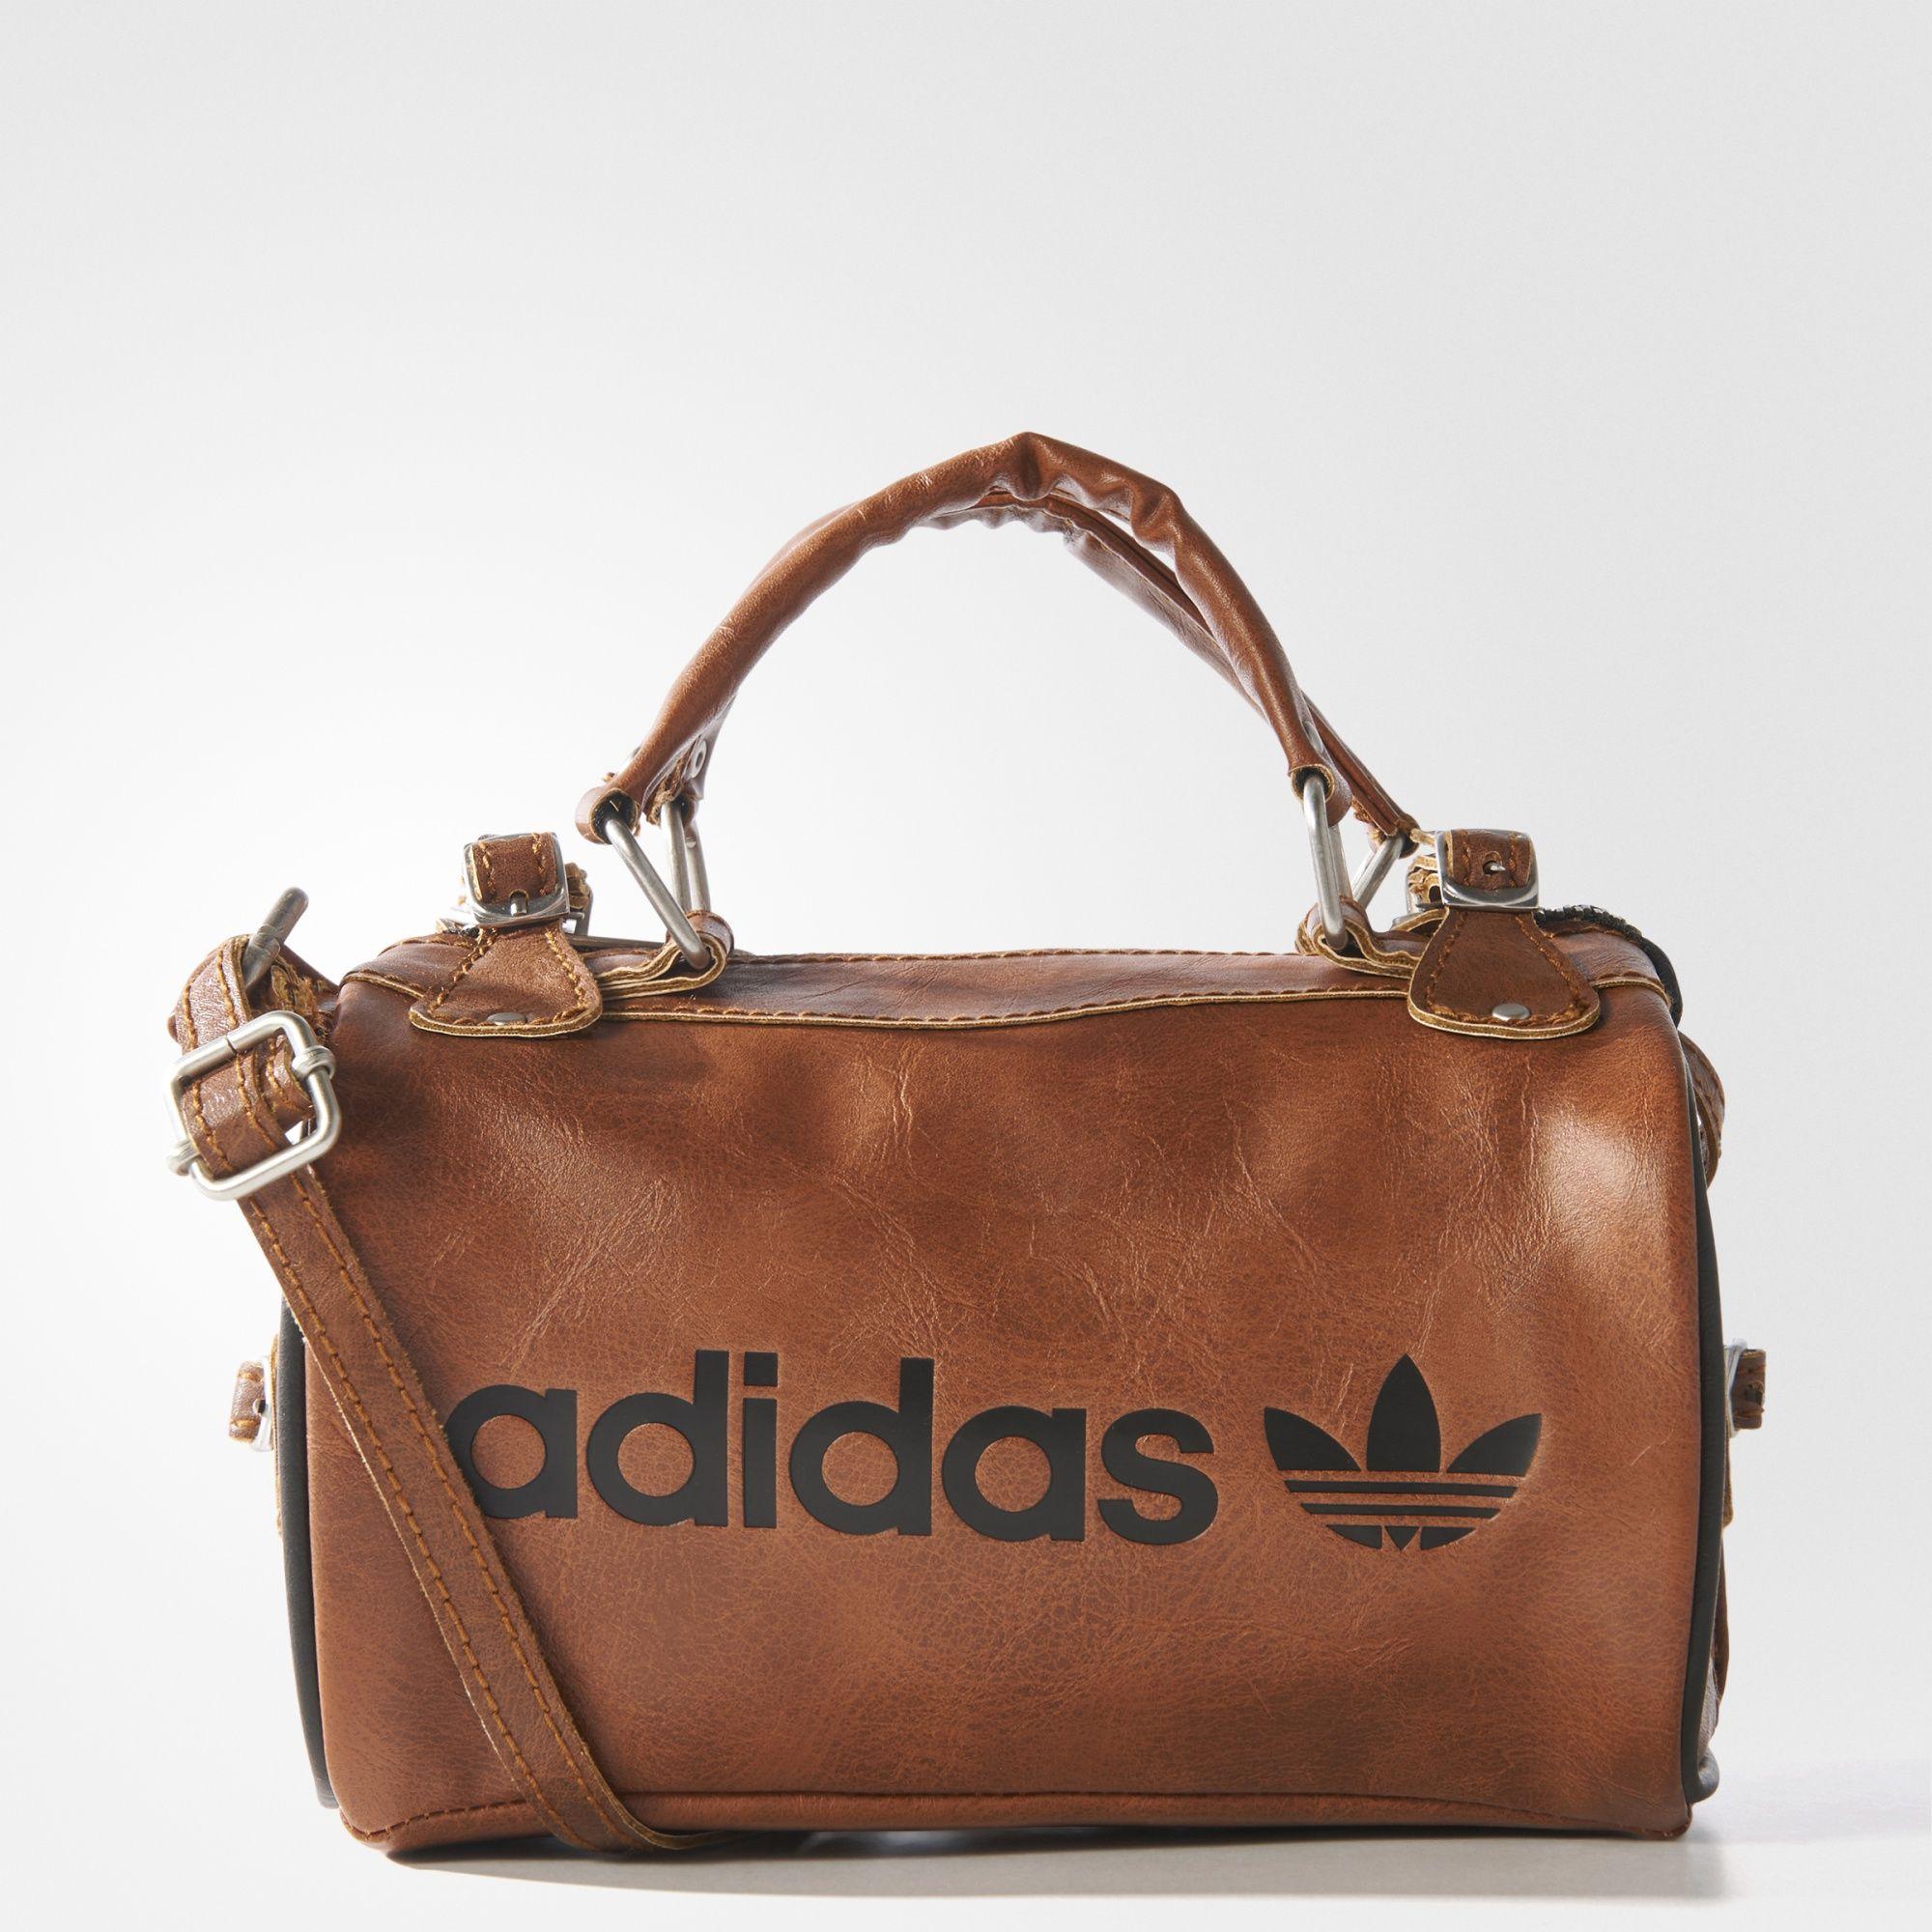 3a4b7f0db Diretamente do acervo adidas, esta bolsa apresenta o visual e o toque do  couro, sendo finalizada com detalhes resistentes de metal.